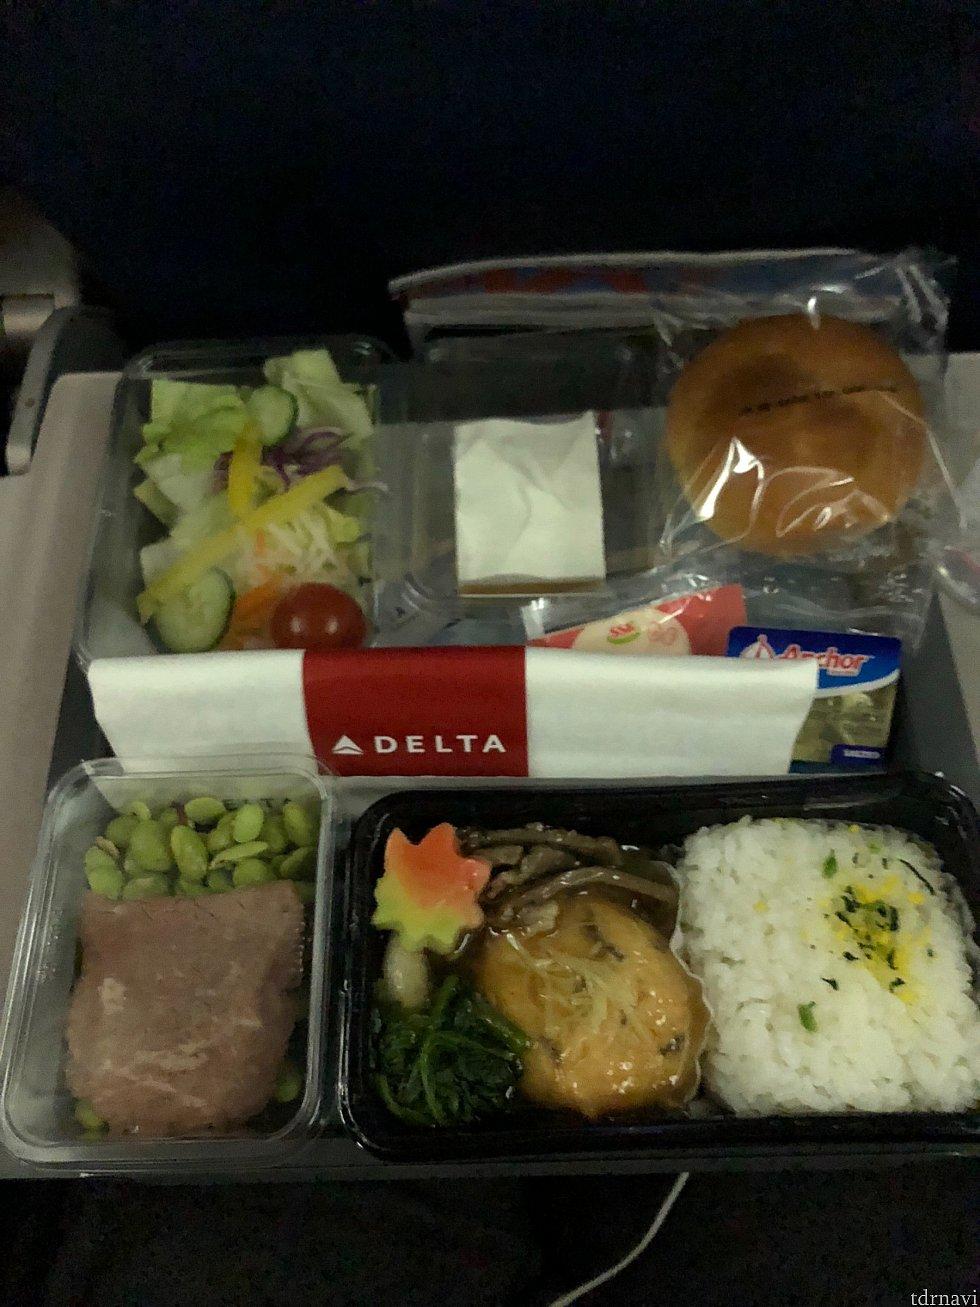 行きの機内食。牛肉とがんもどきの煮物みたいなのを選びました。美味しかったです。